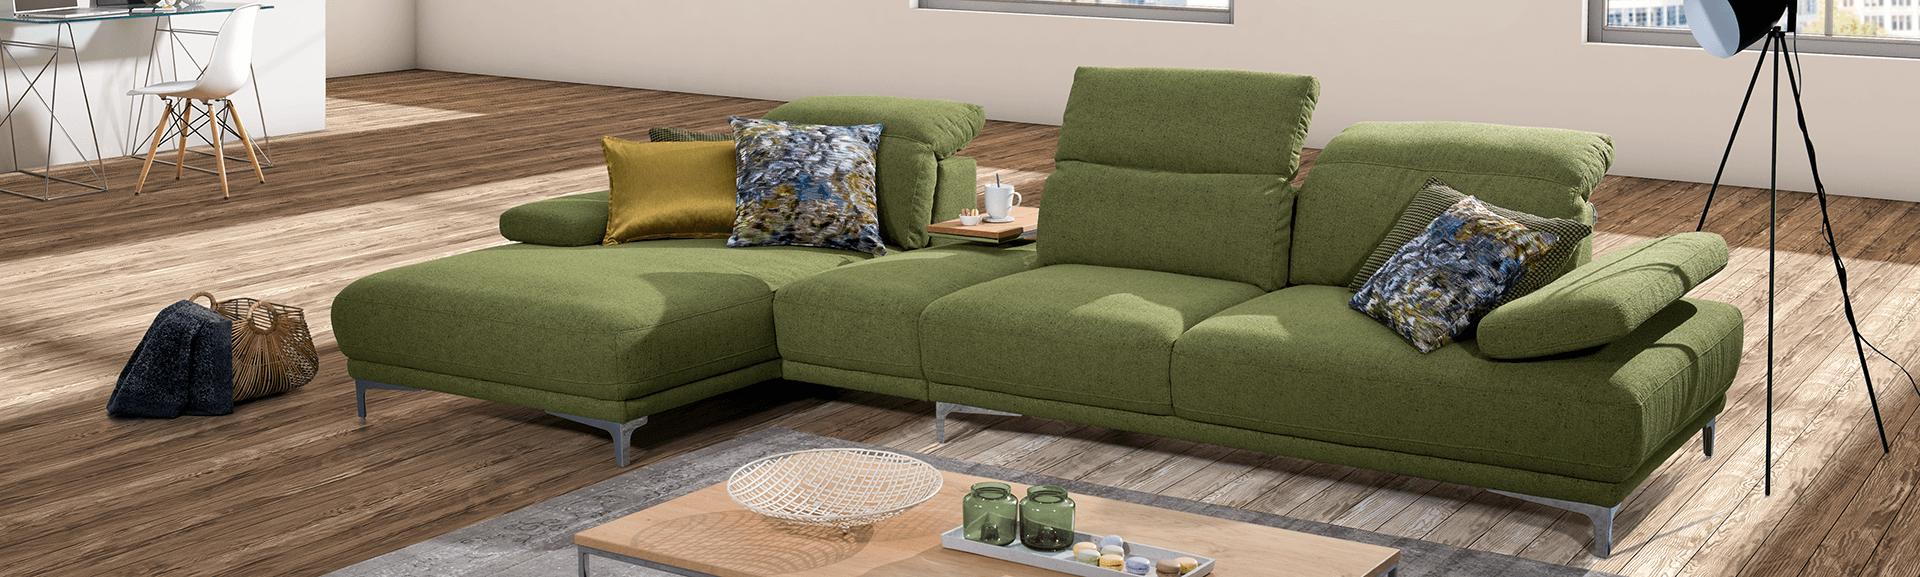 moebel boeck kempten wohnzimmer header. Black Bedroom Furniture Sets. Home Design Ideas